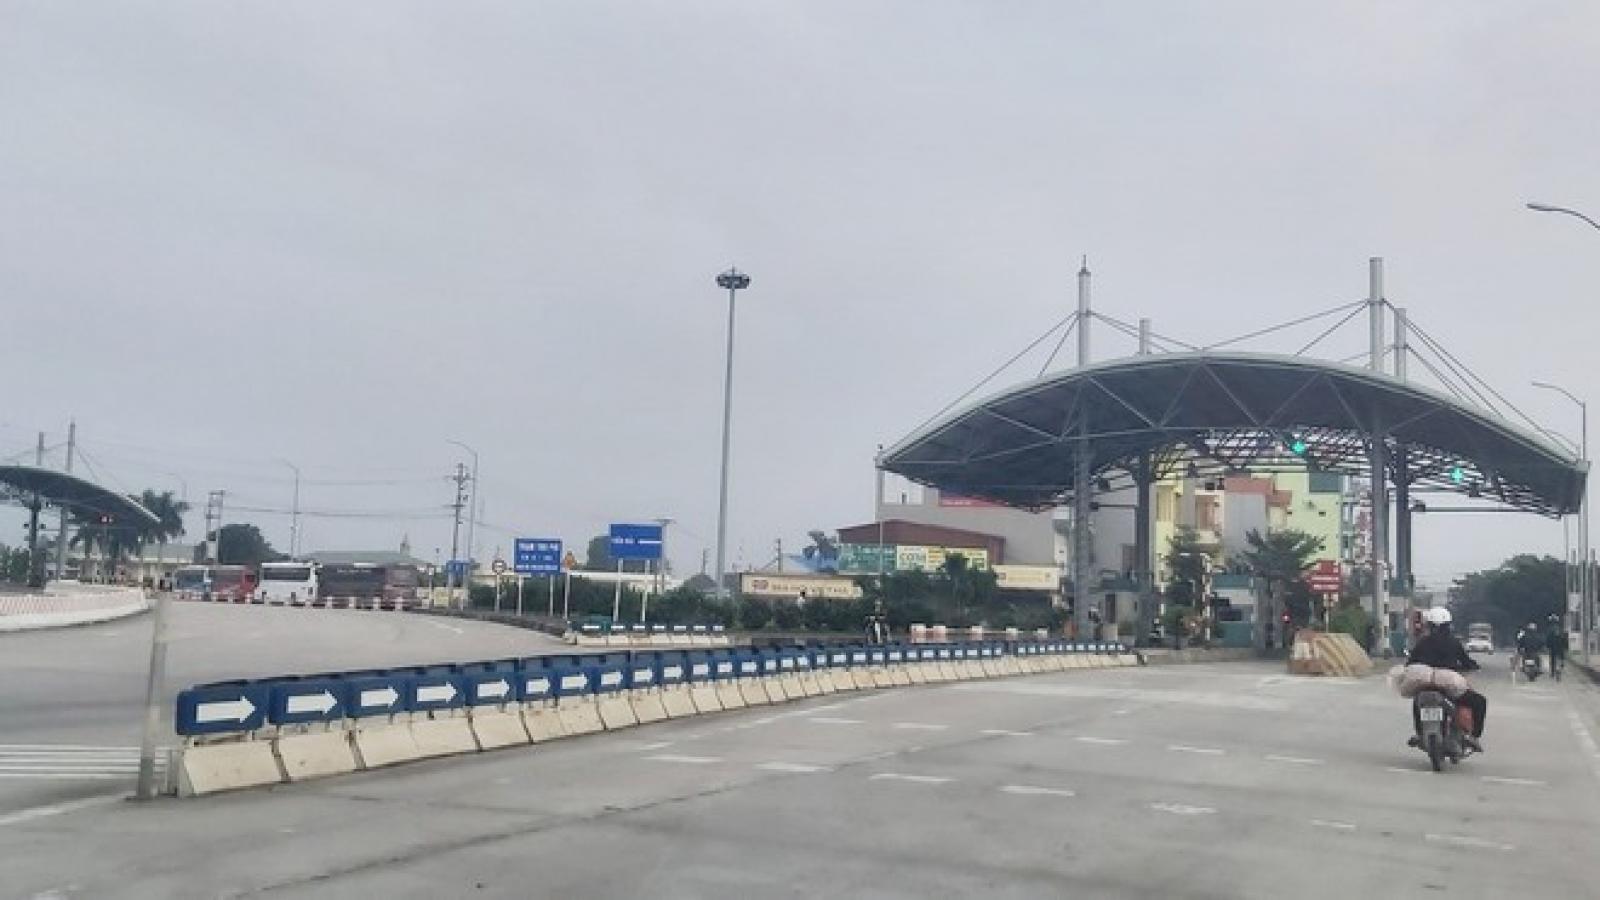 Truy bắt đối tượng nổ súng bắn người tại trạm thu phí ở Thái Bình